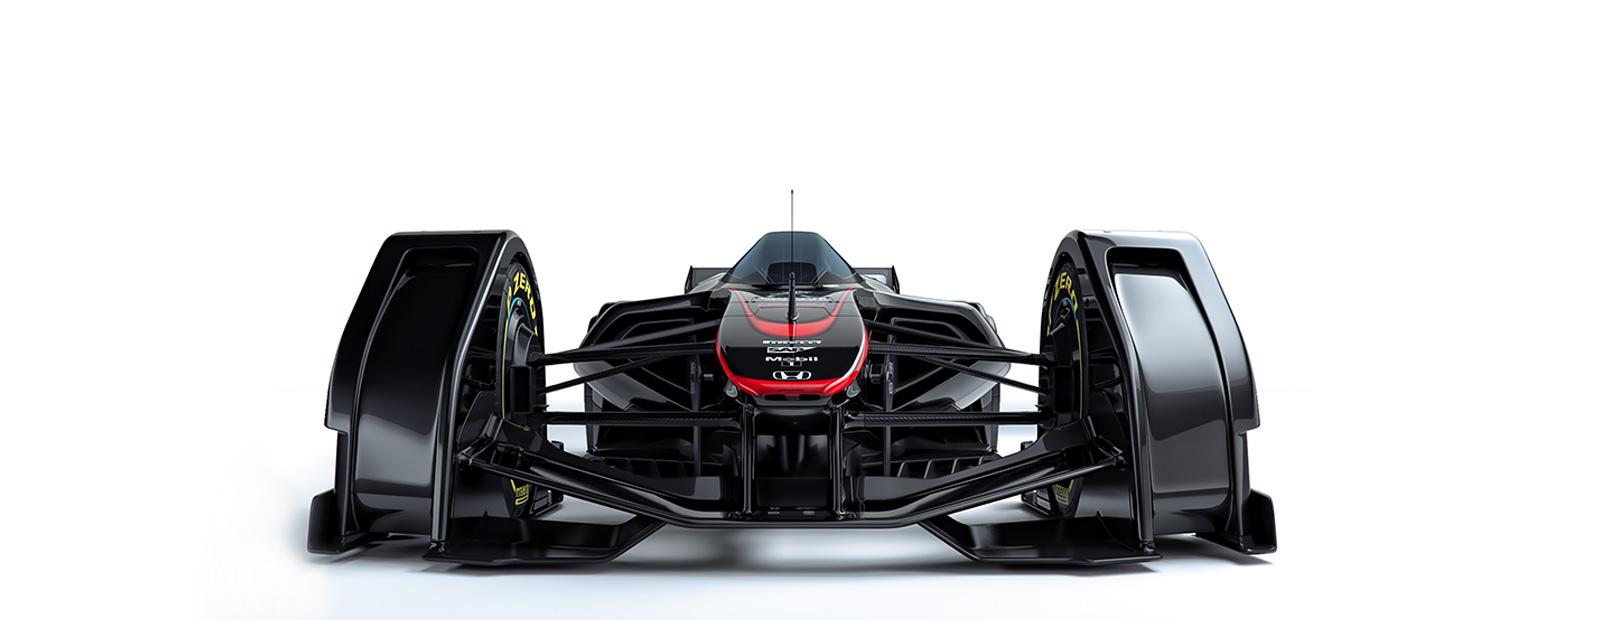 McLaren MP4-X Front view